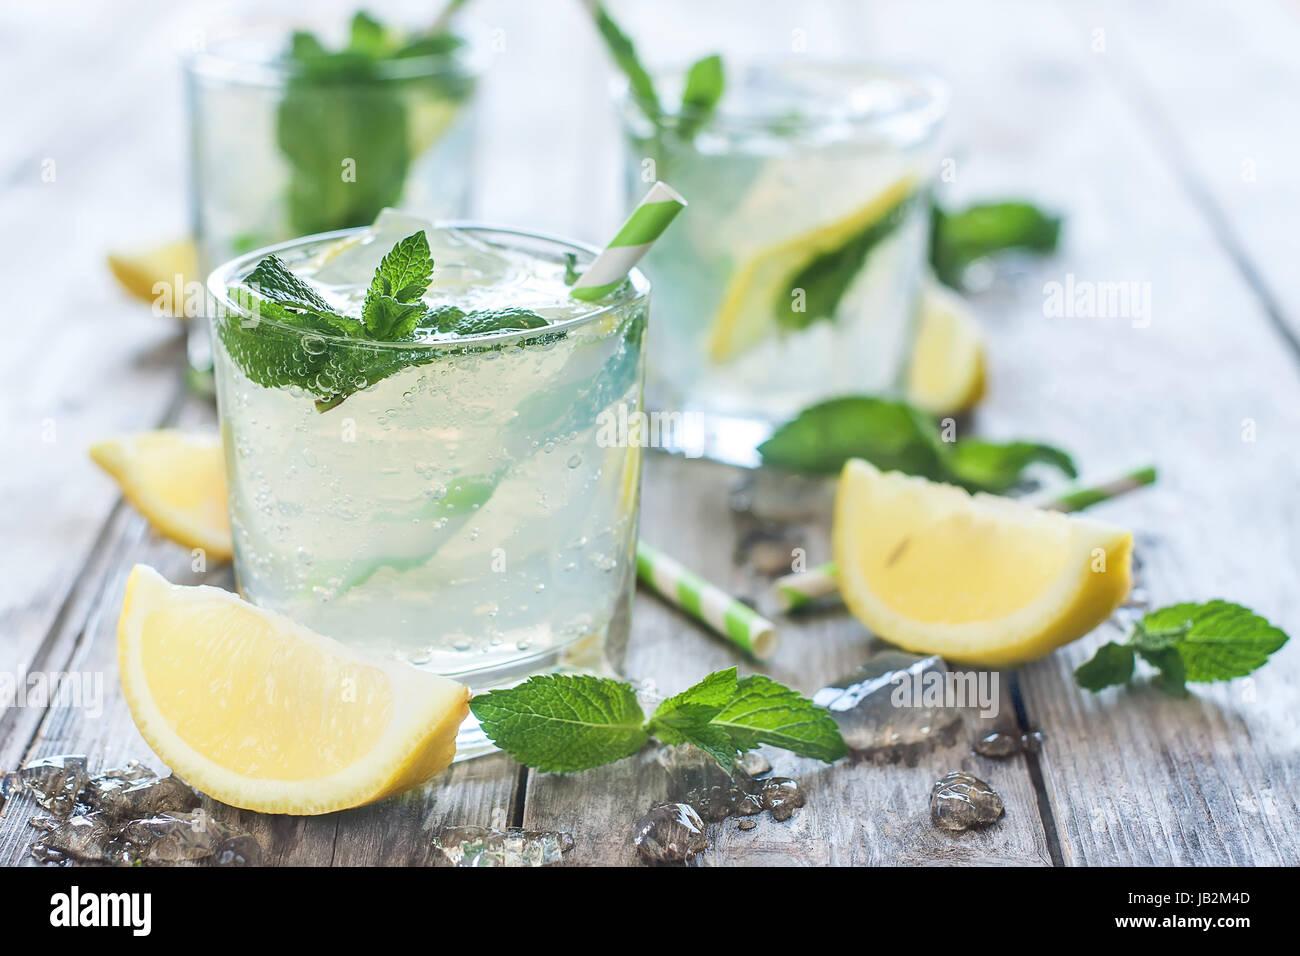 Gekühlte Minze Limonade mit Minze und frische Zitrone Stockbild